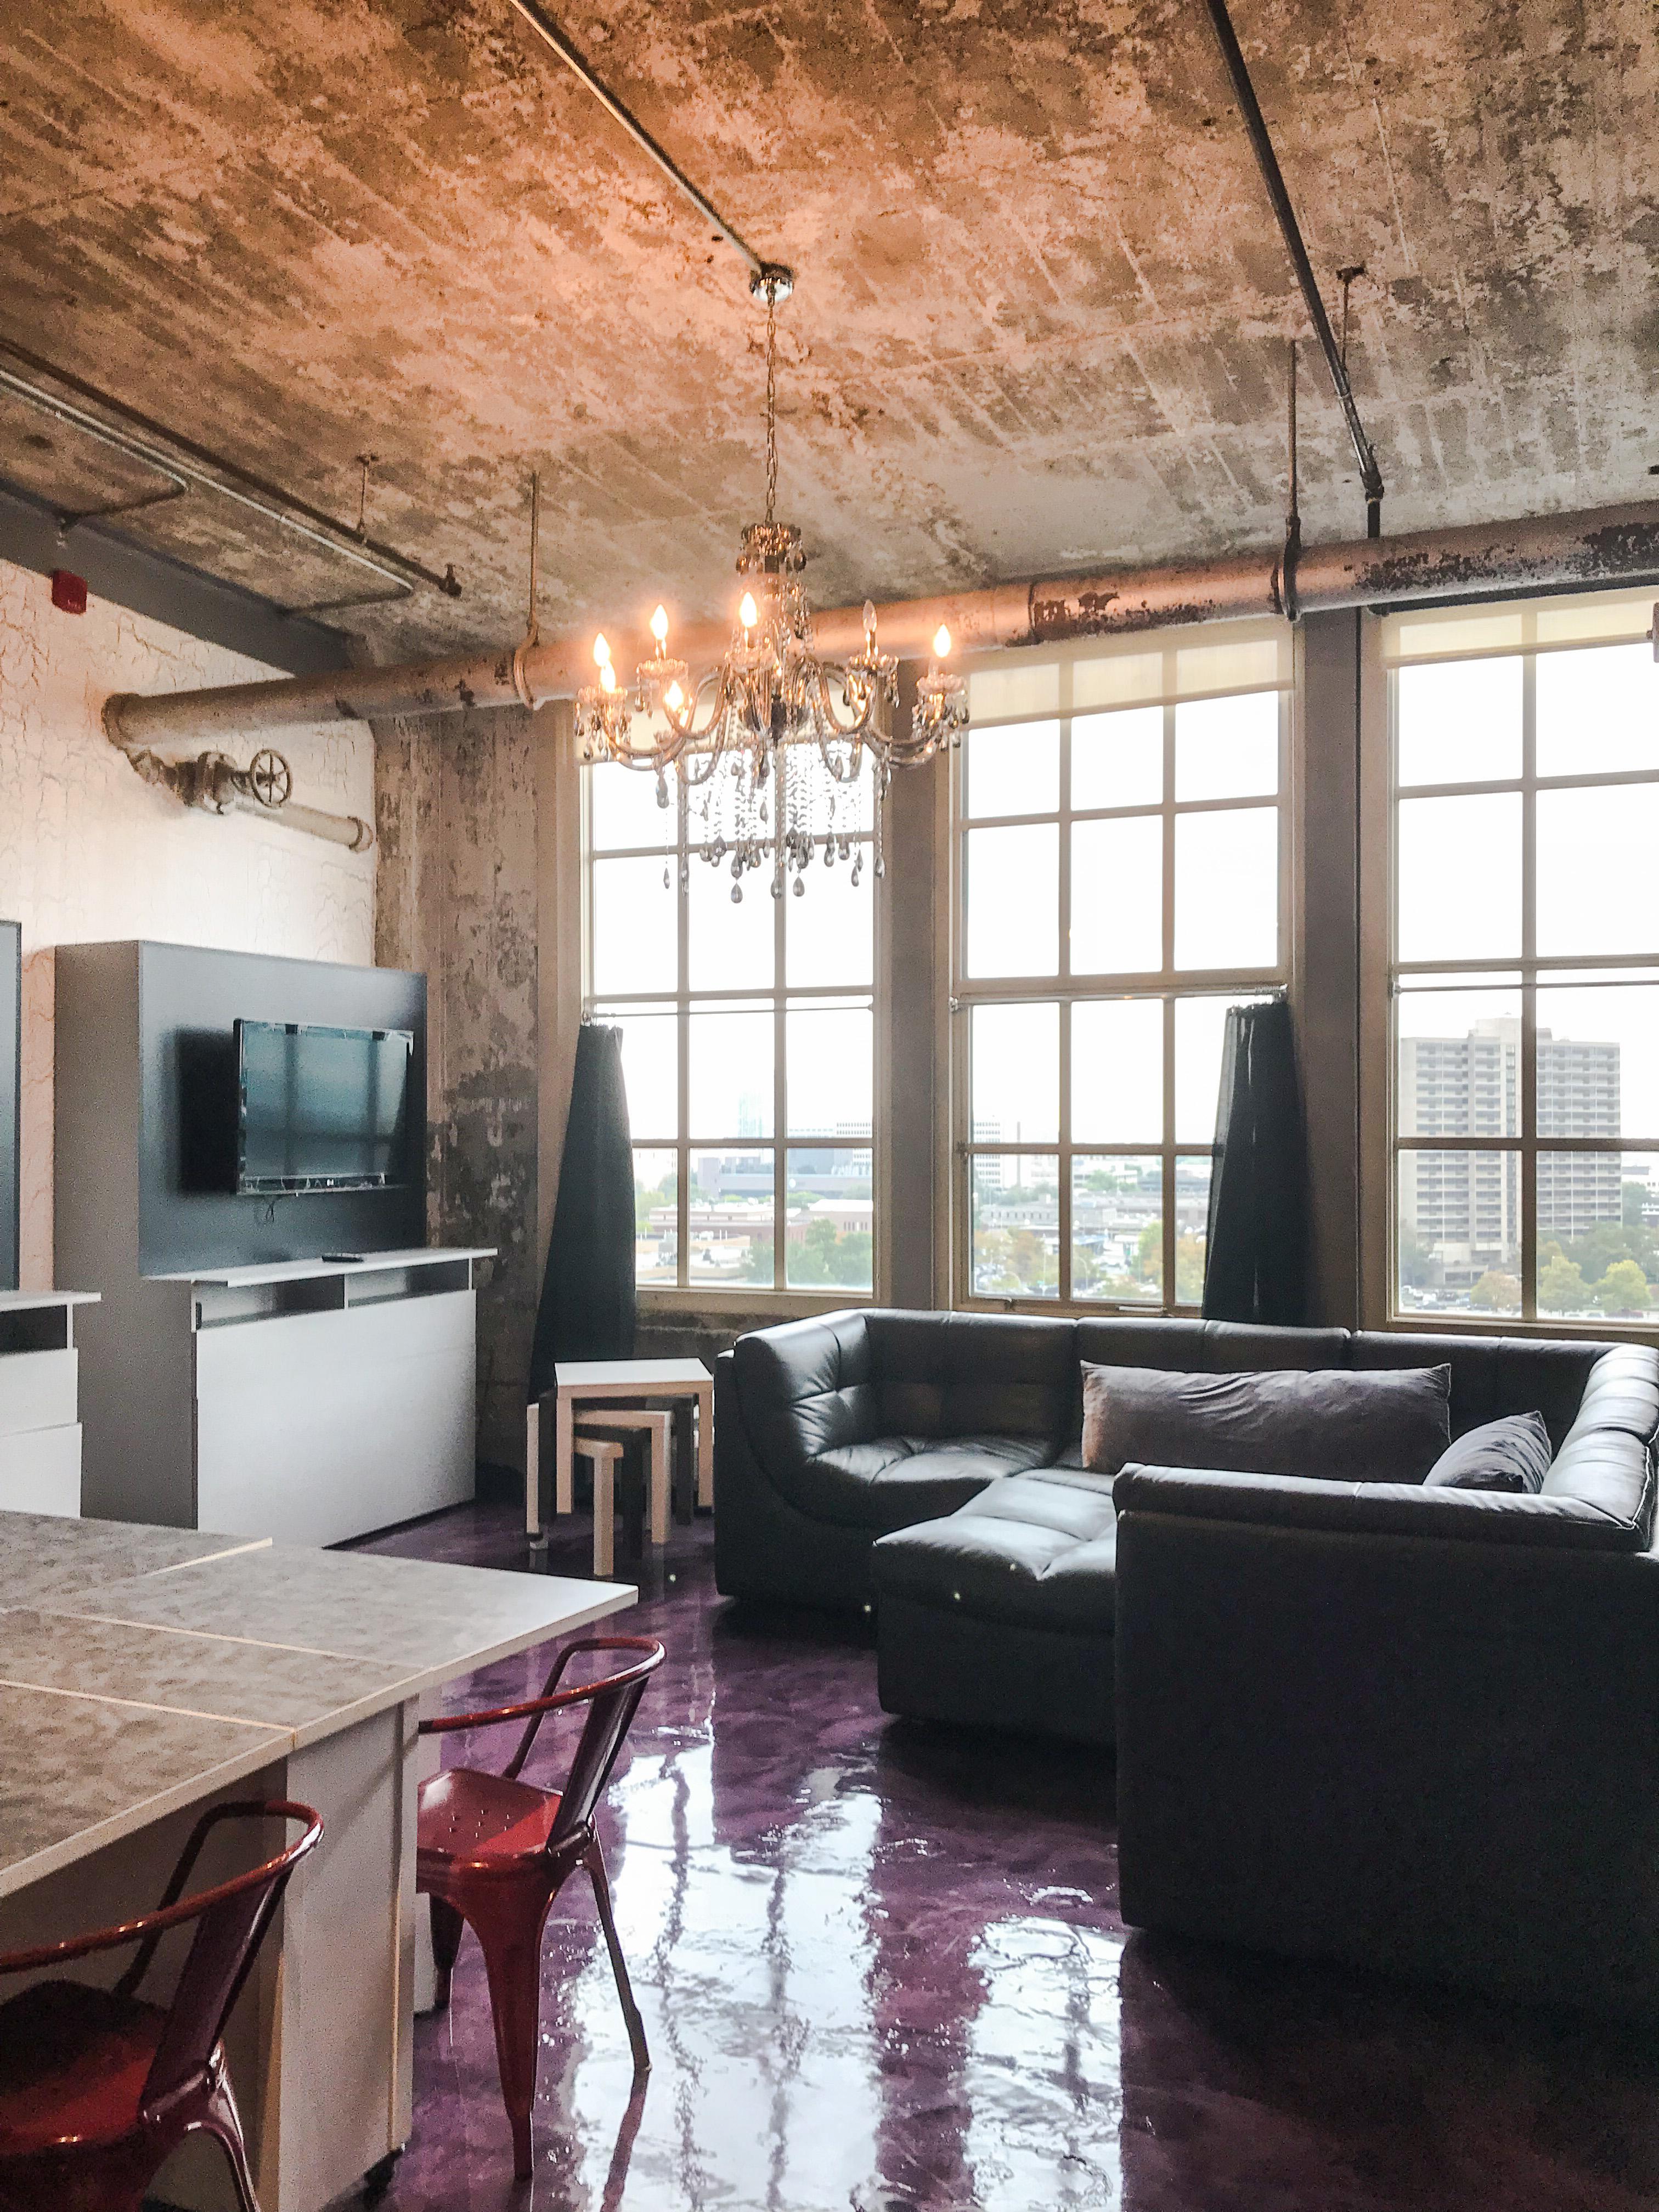 Loft Reverie 811 - HDTV + Cloud Sofa + Lounge Pit + Dining + Views + Chandelier